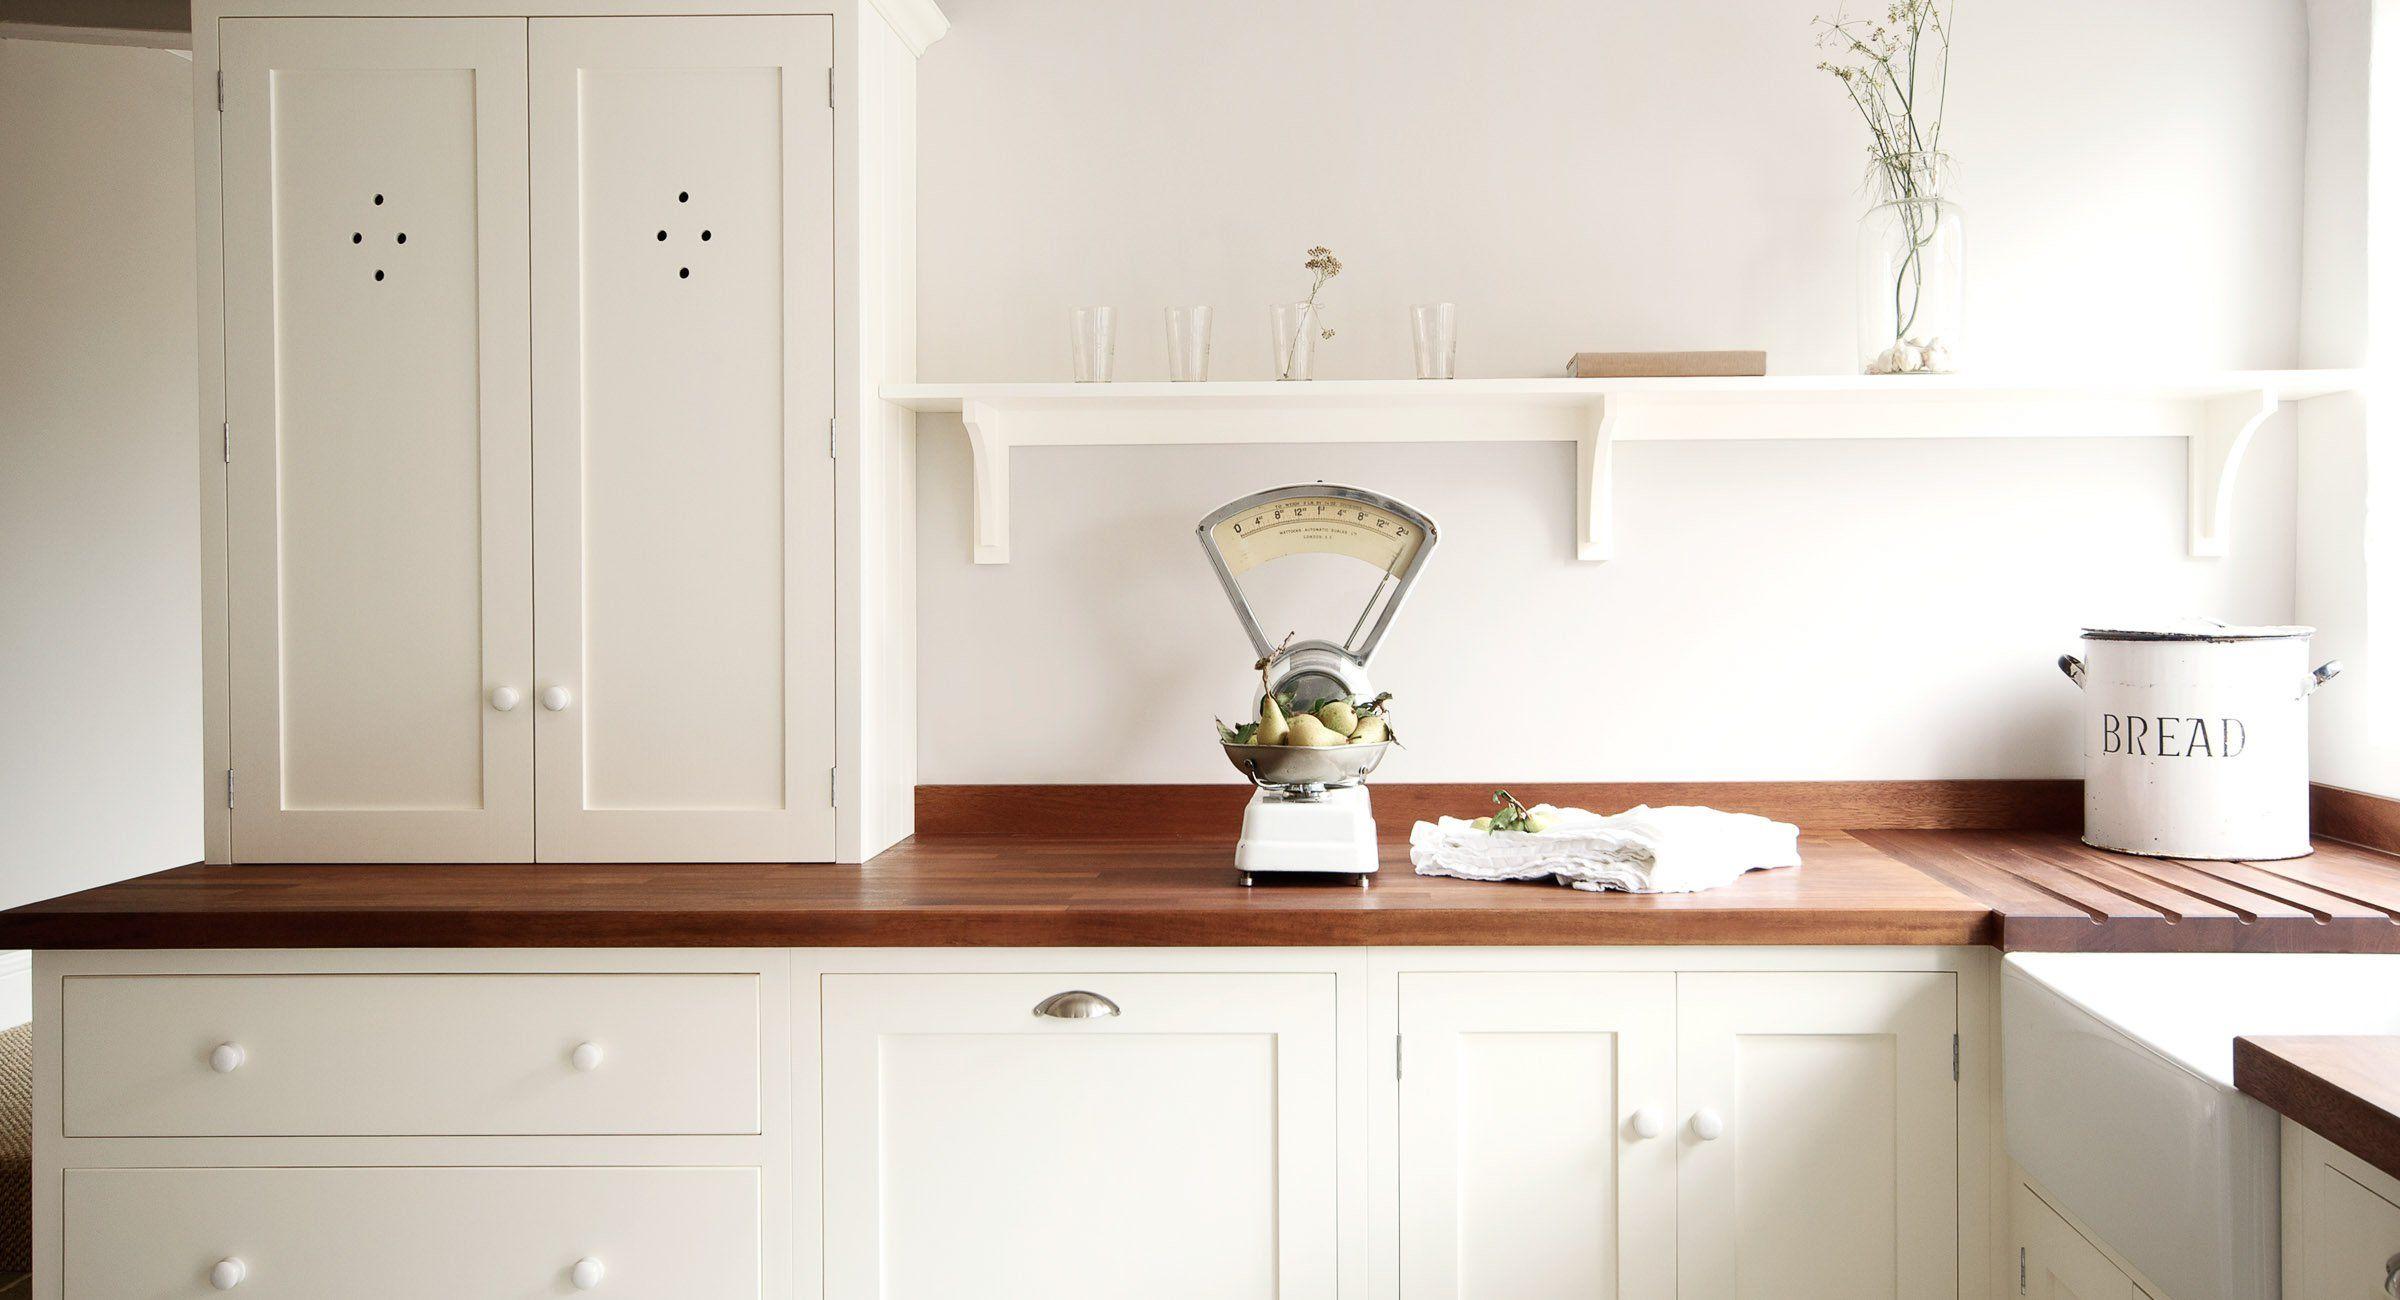 Küchenideen eng wymeswold kitchen  devol kitchens  final design  pinterest